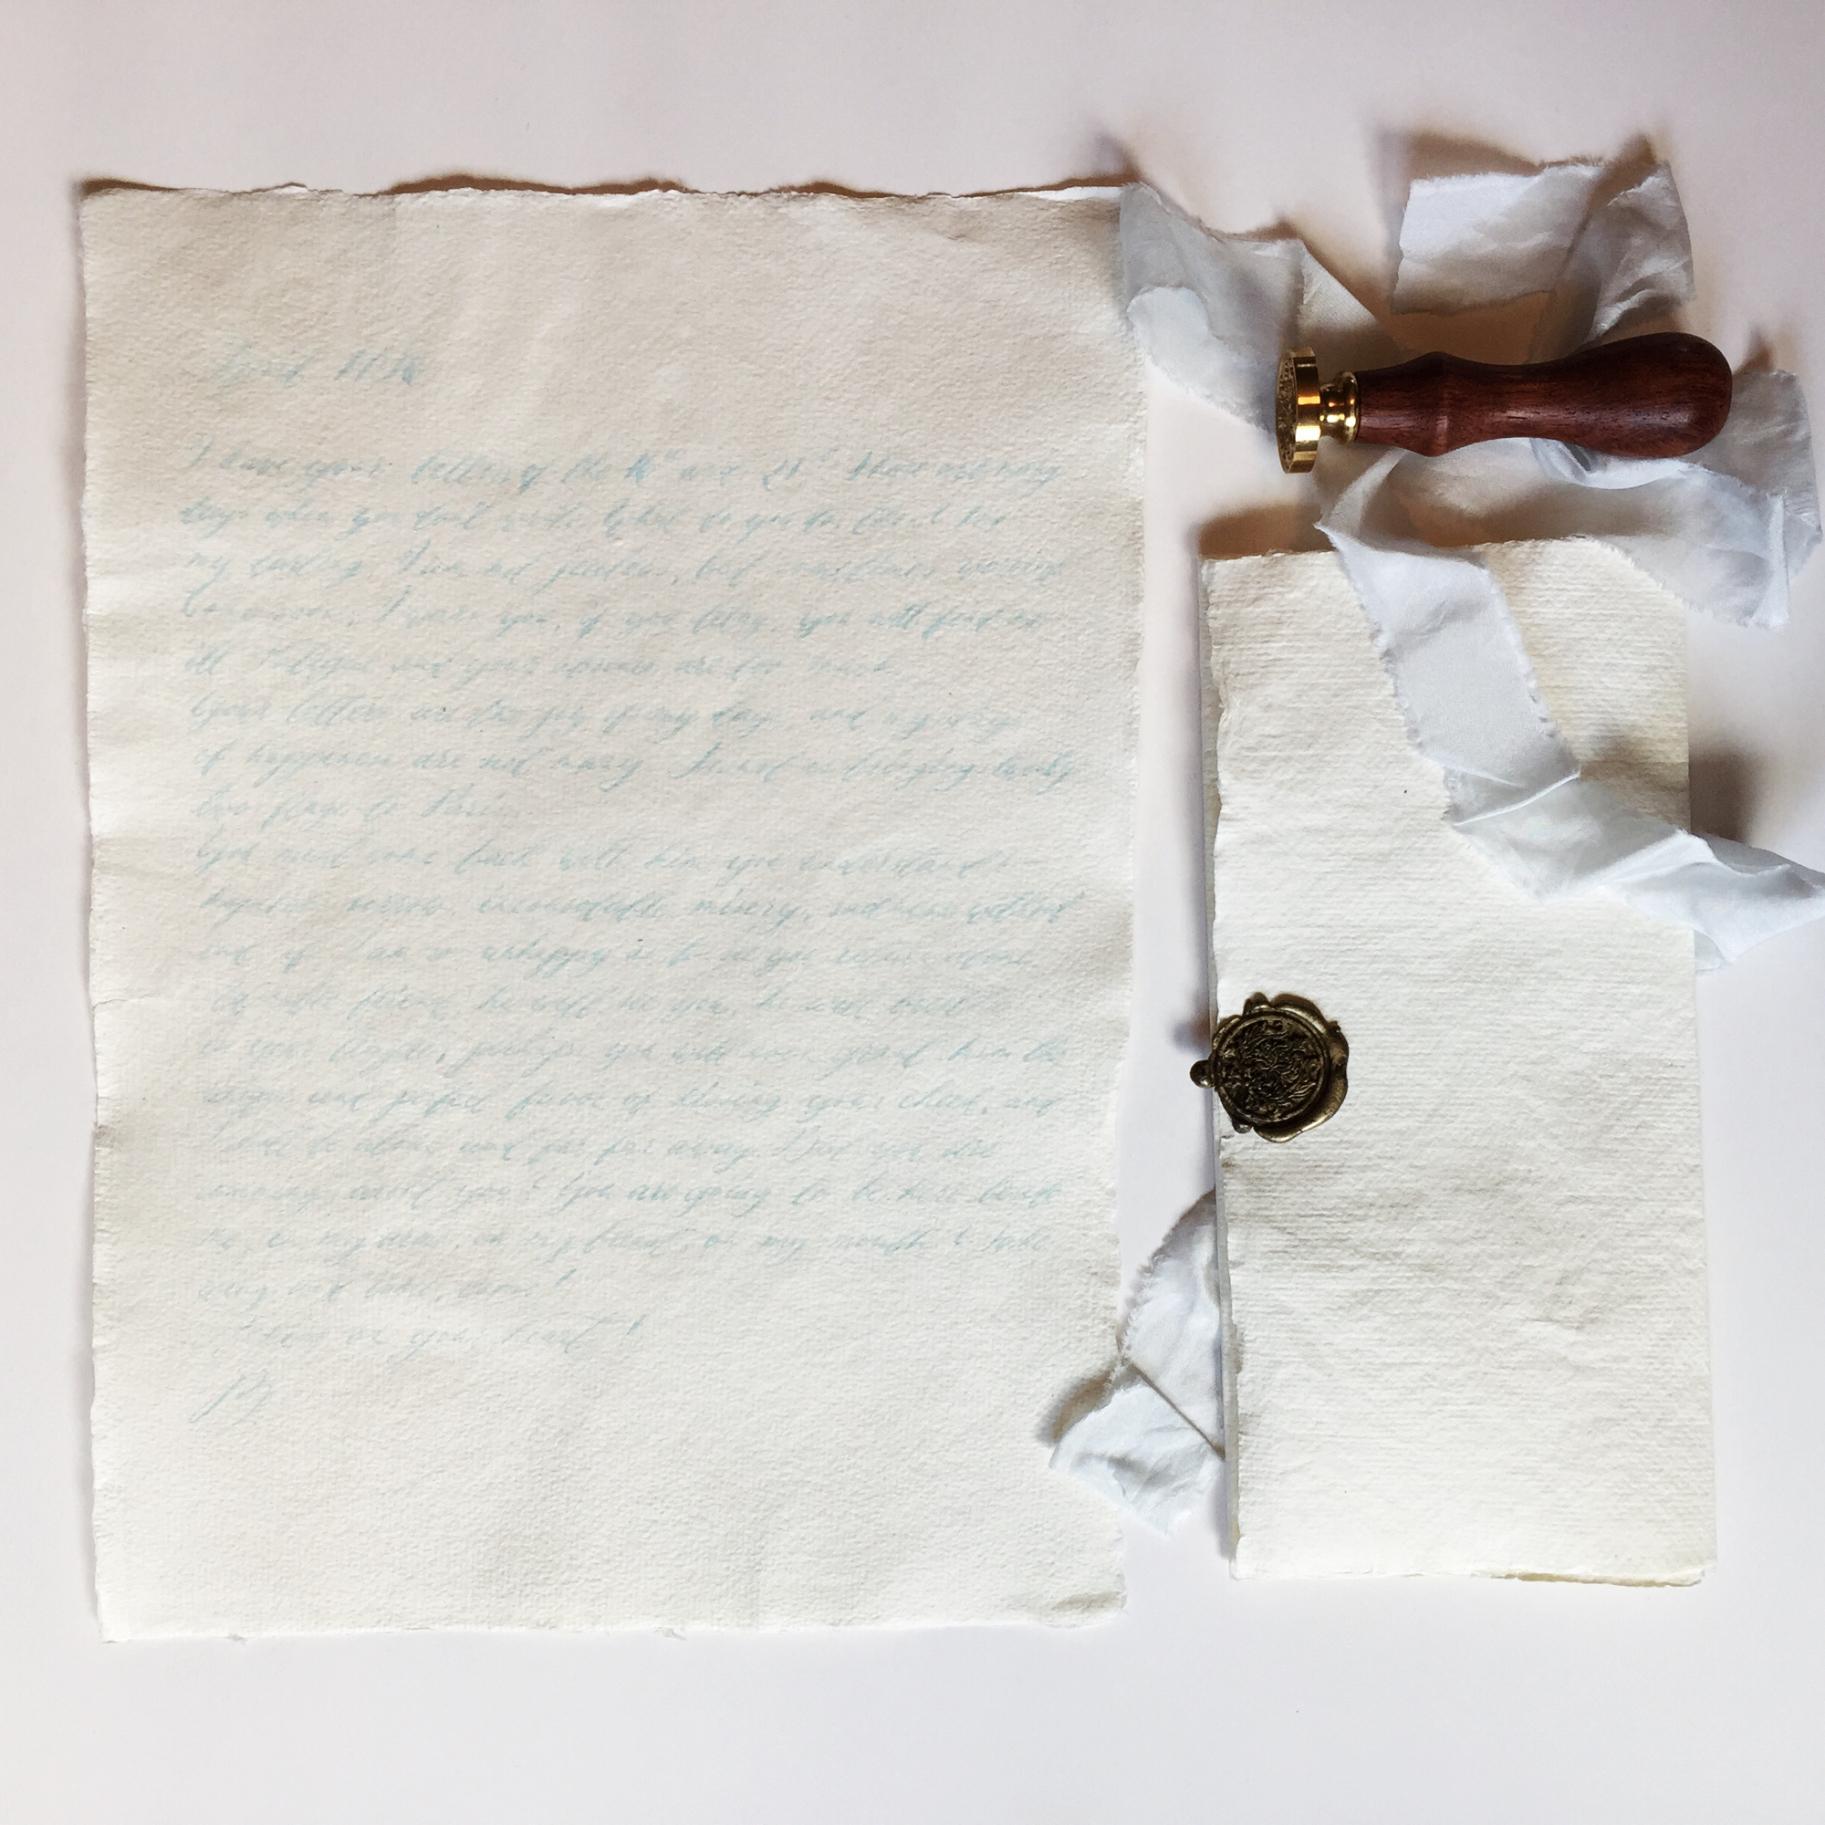 Wax sealed handwritten love letter